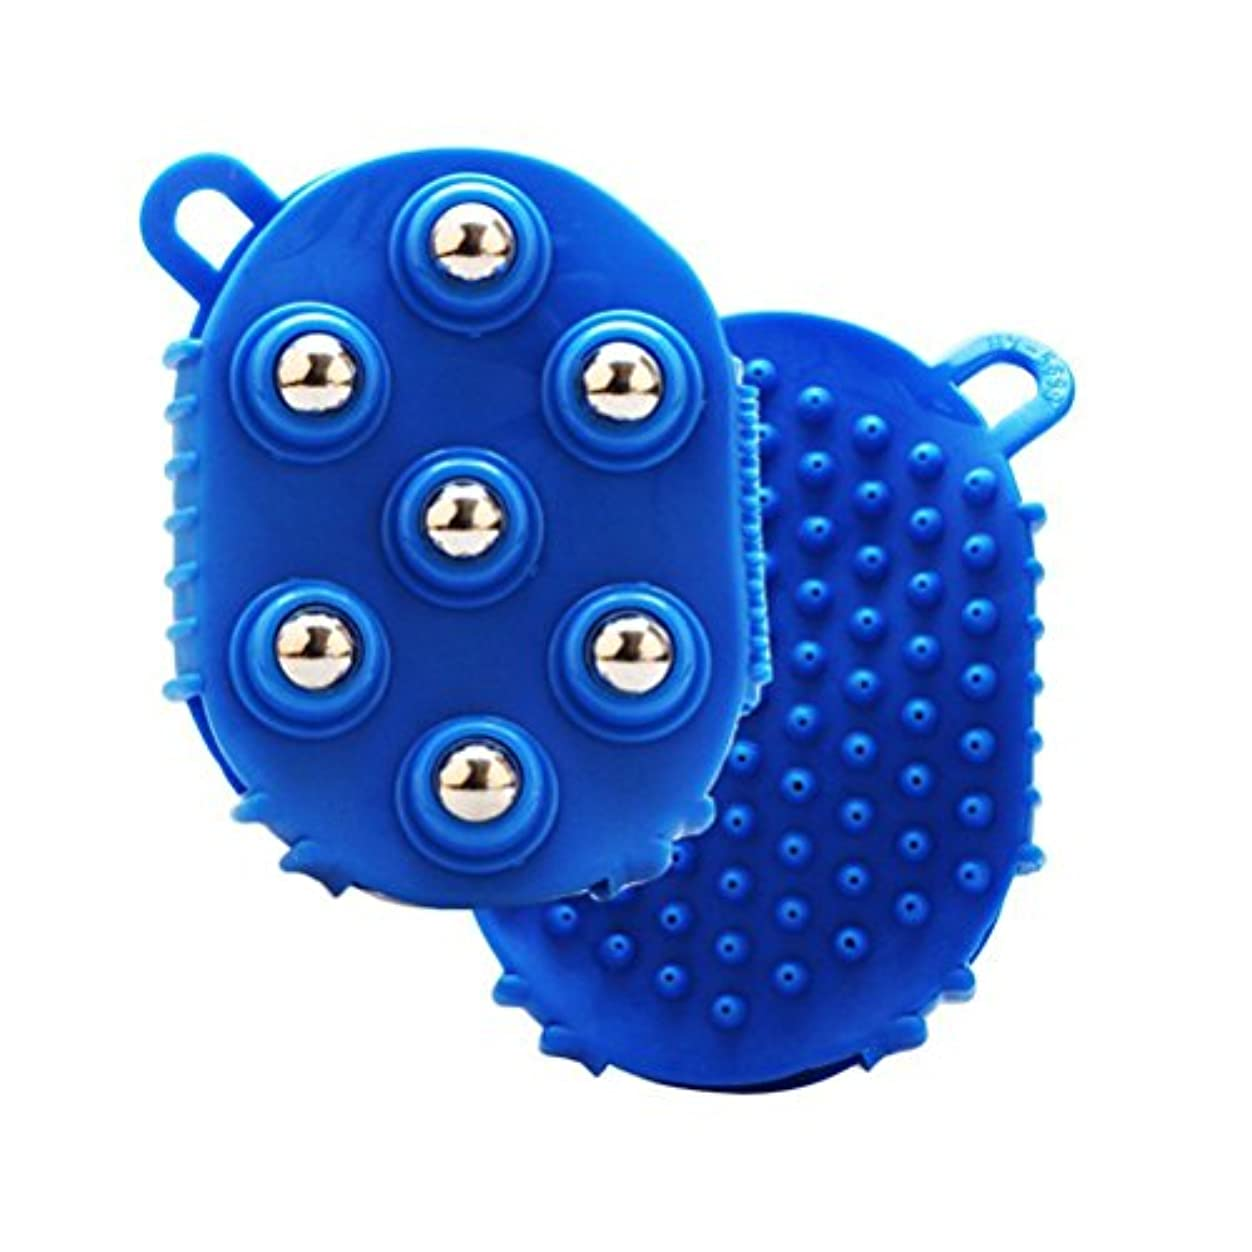 小切手掃除ファブリックHEALLILY 手のひら型マッサージグローブマッサージバスブラシ7本付きメタルローラーボールハンドヘルドボディマッサージ用痛み筋肉筋肉痛セルライト(青)